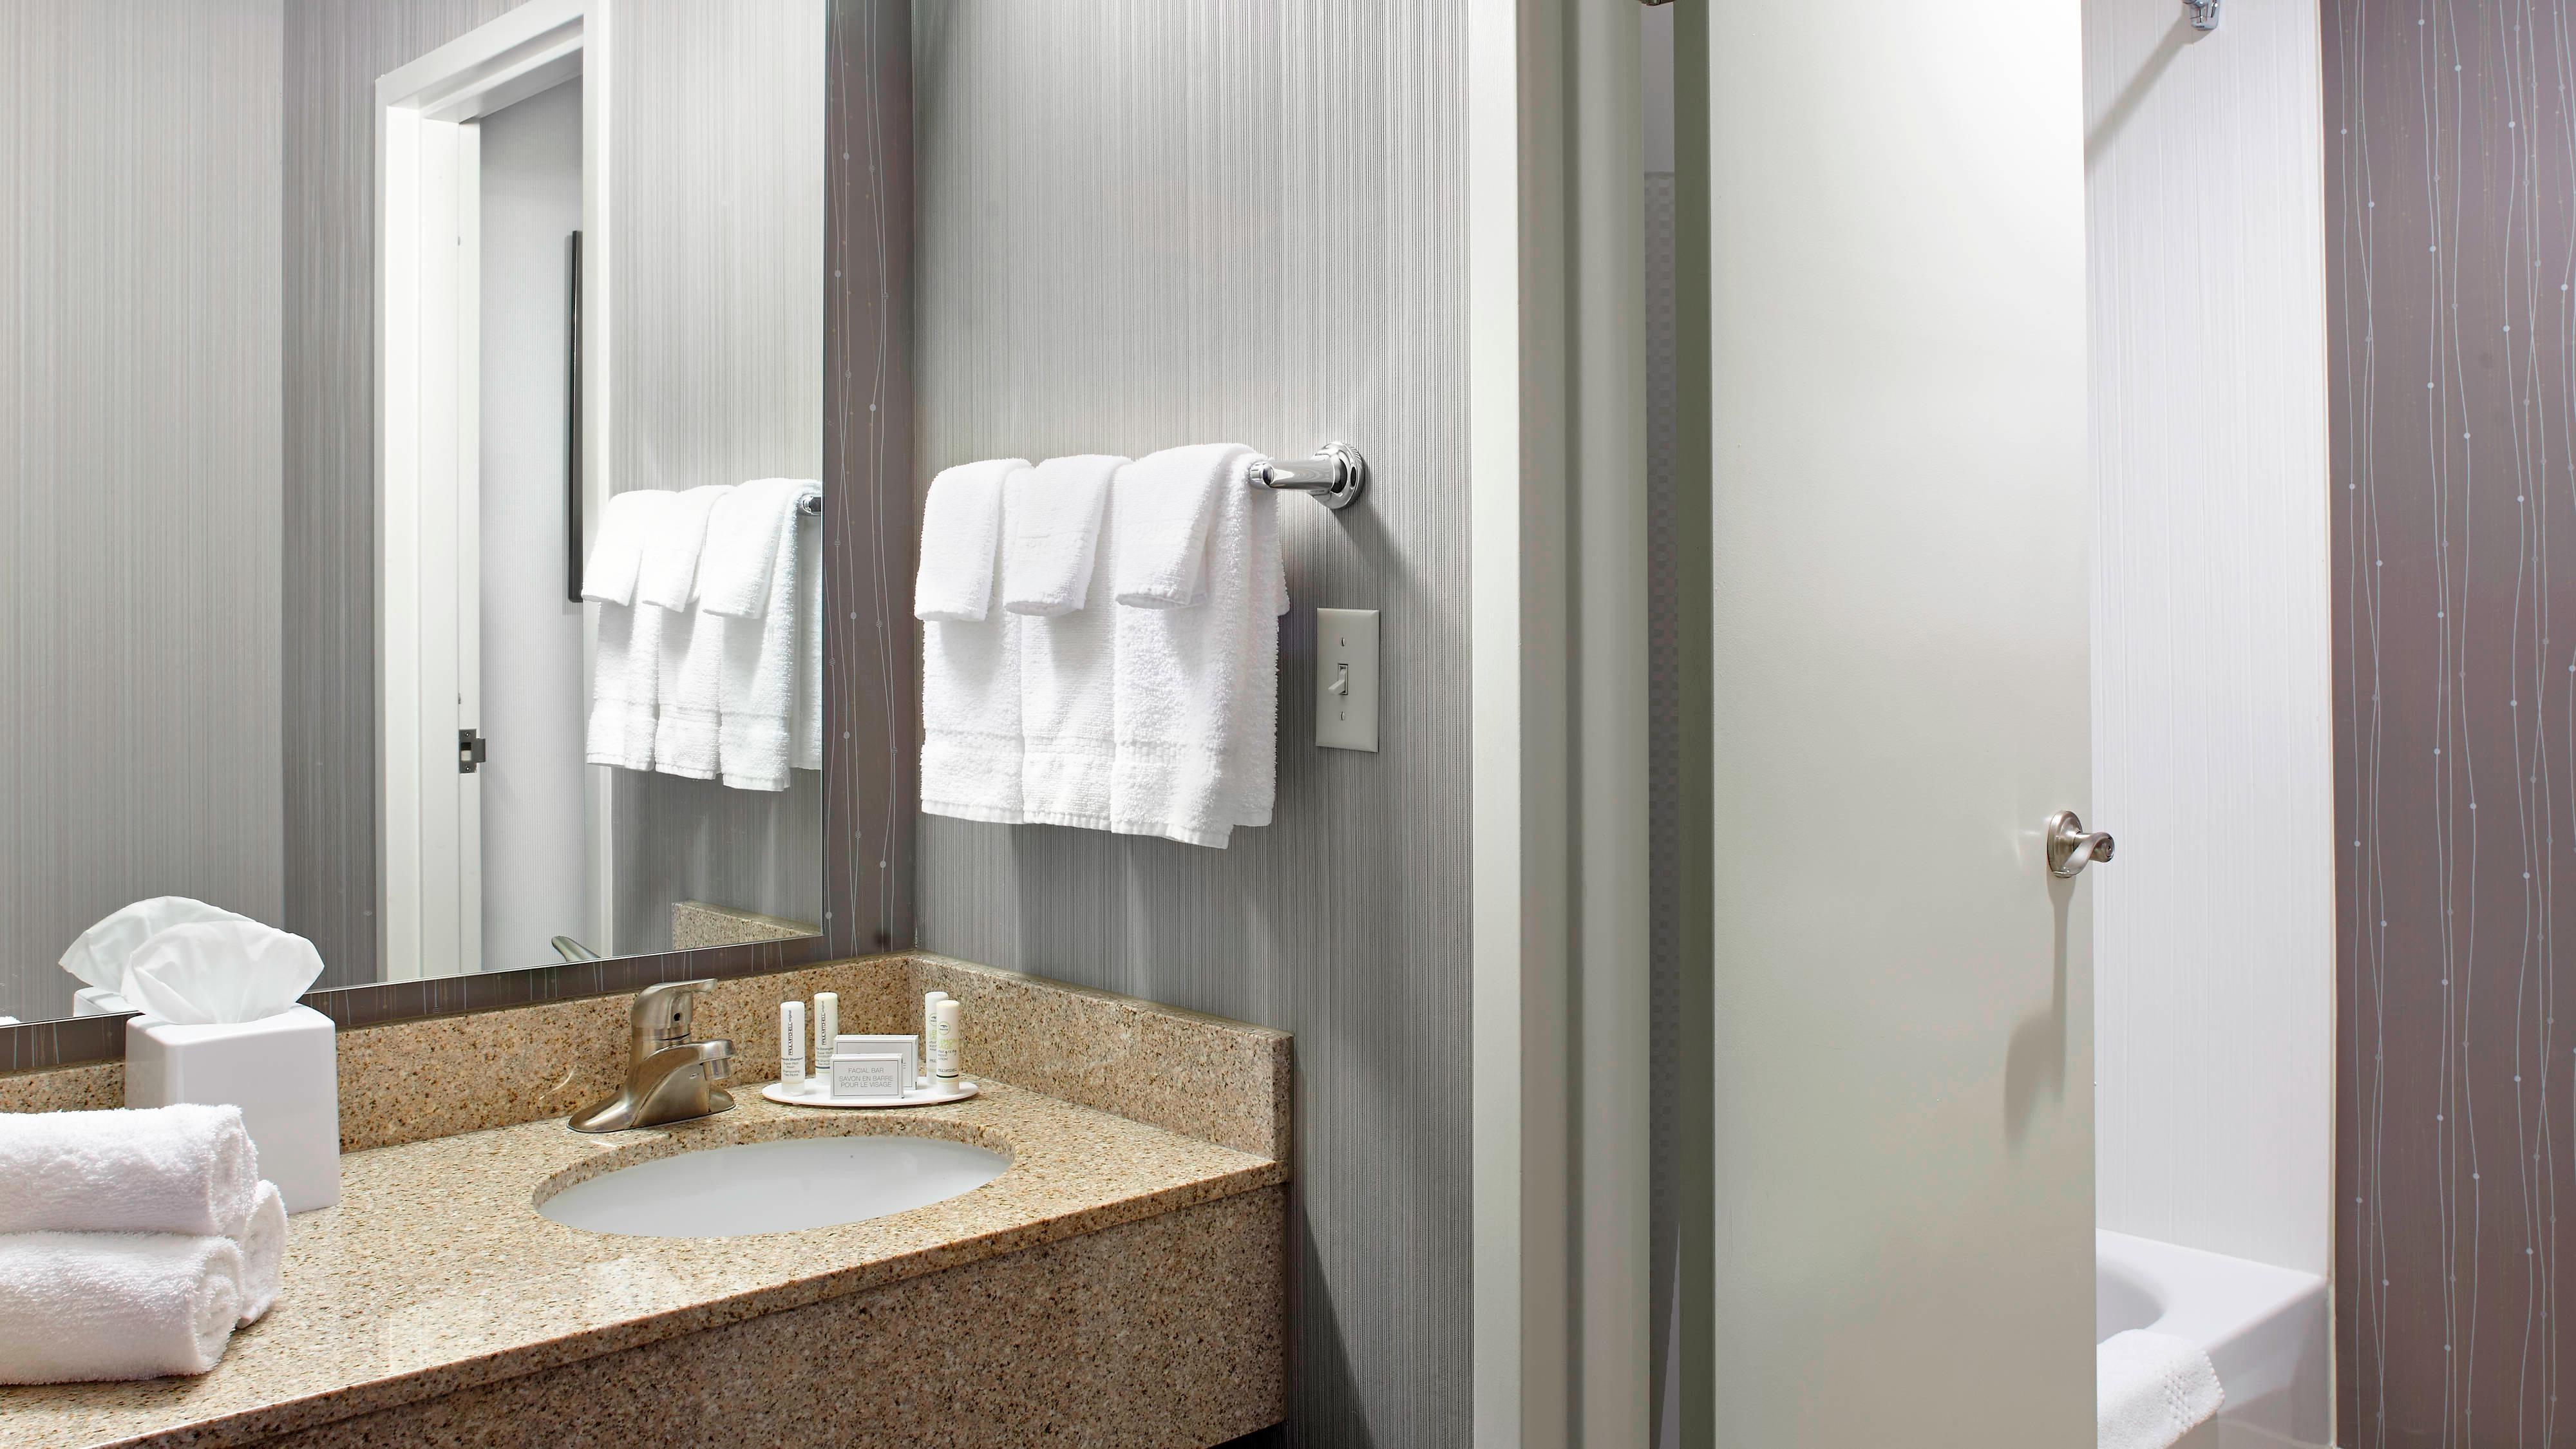 Baño de la habitación con tocador y combinación de bañera y ducha